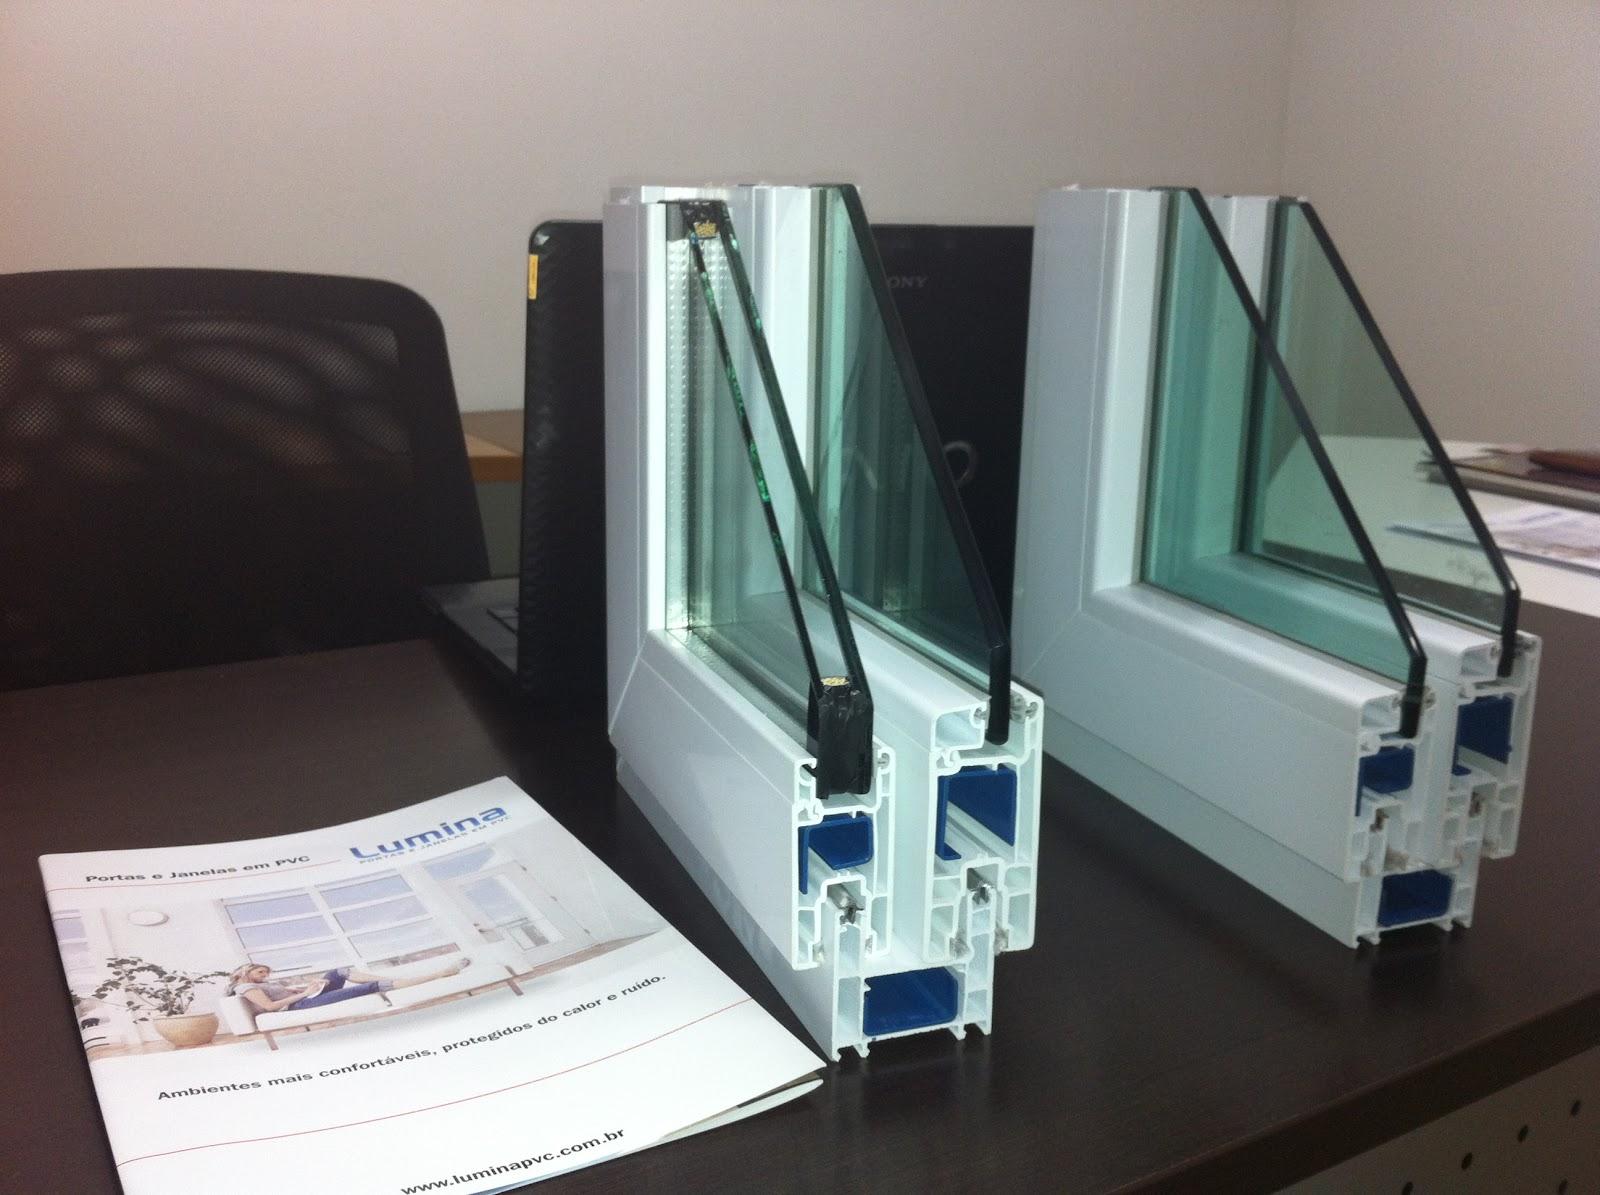 #18395F Portas e Janelas em PVC Esquadrias Termo acústicas com Vidro Duplo 1538 Vedar Janelas Contra Vento